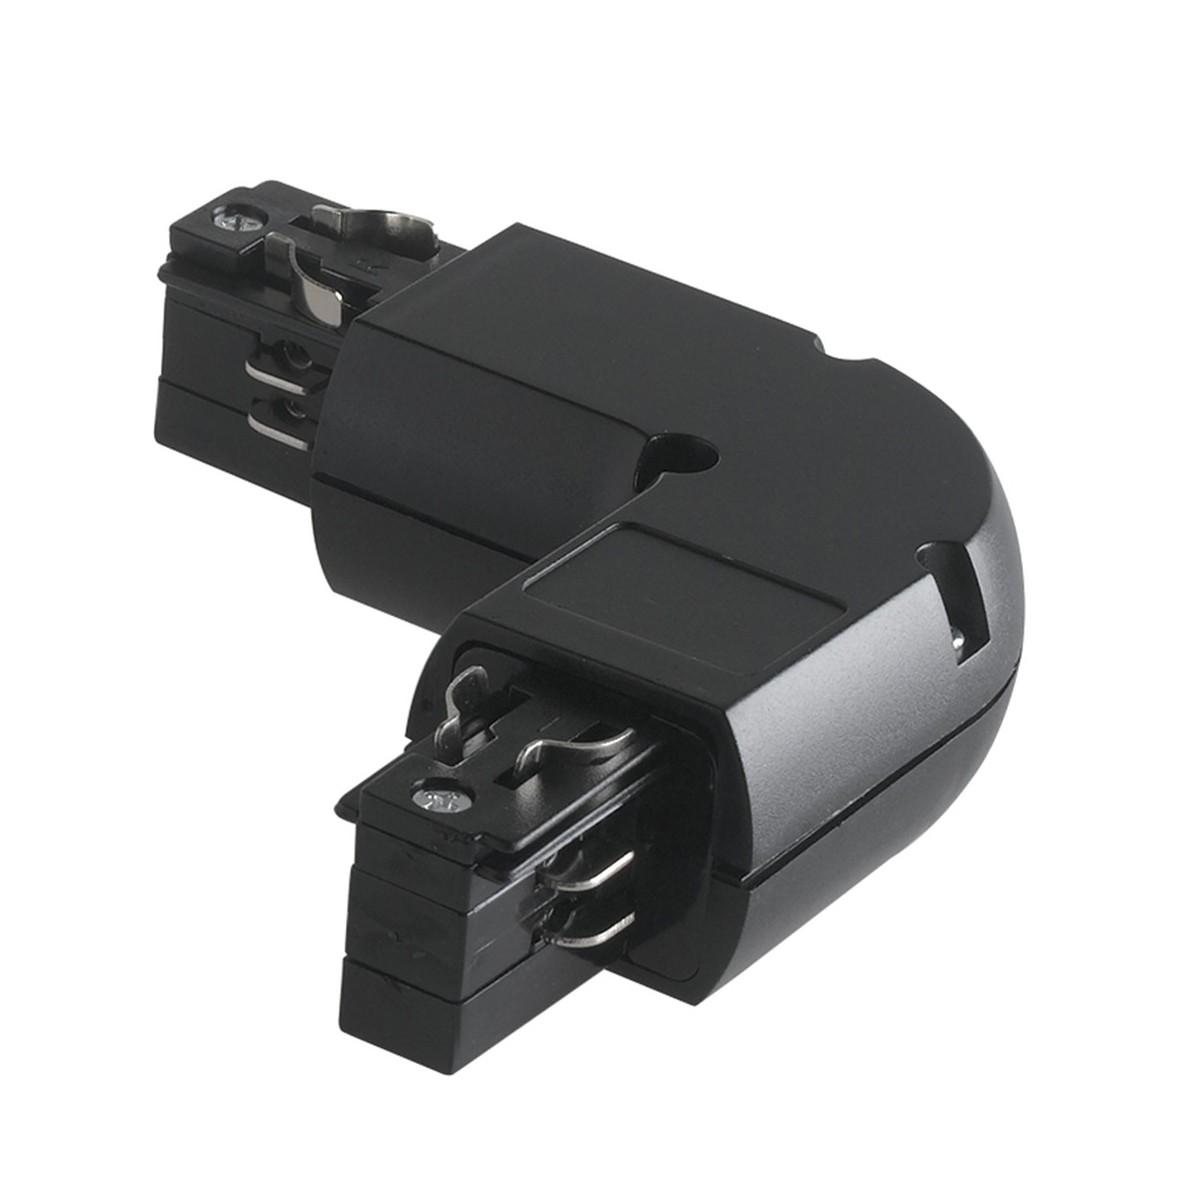 LED-TRACK-L BLACK - Connecteur pour